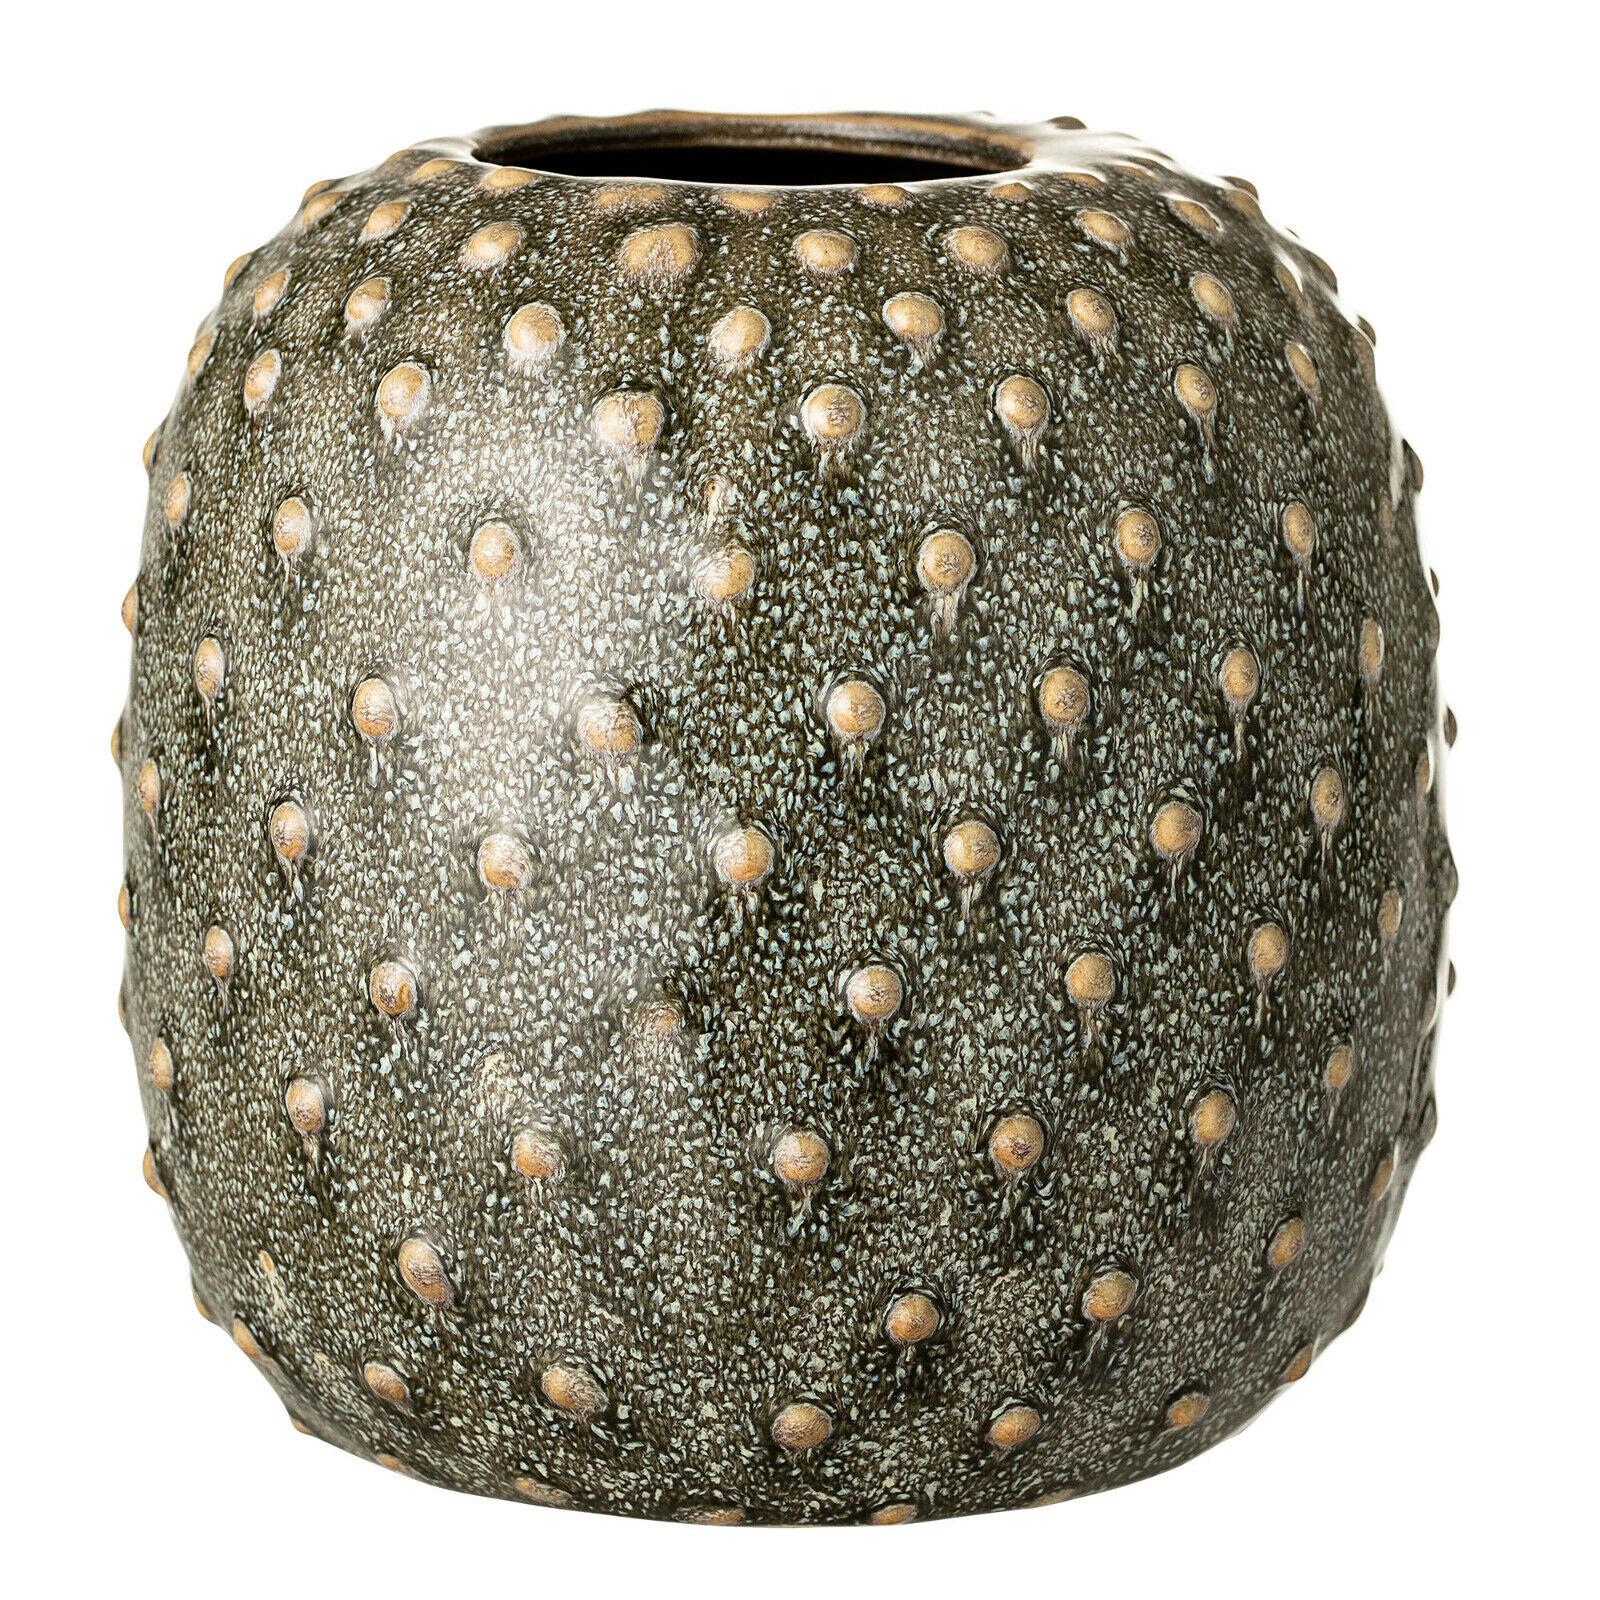 Bloomingville Vase Green Kaktus Stoneware 20 Cm günstig kaufen   eBay